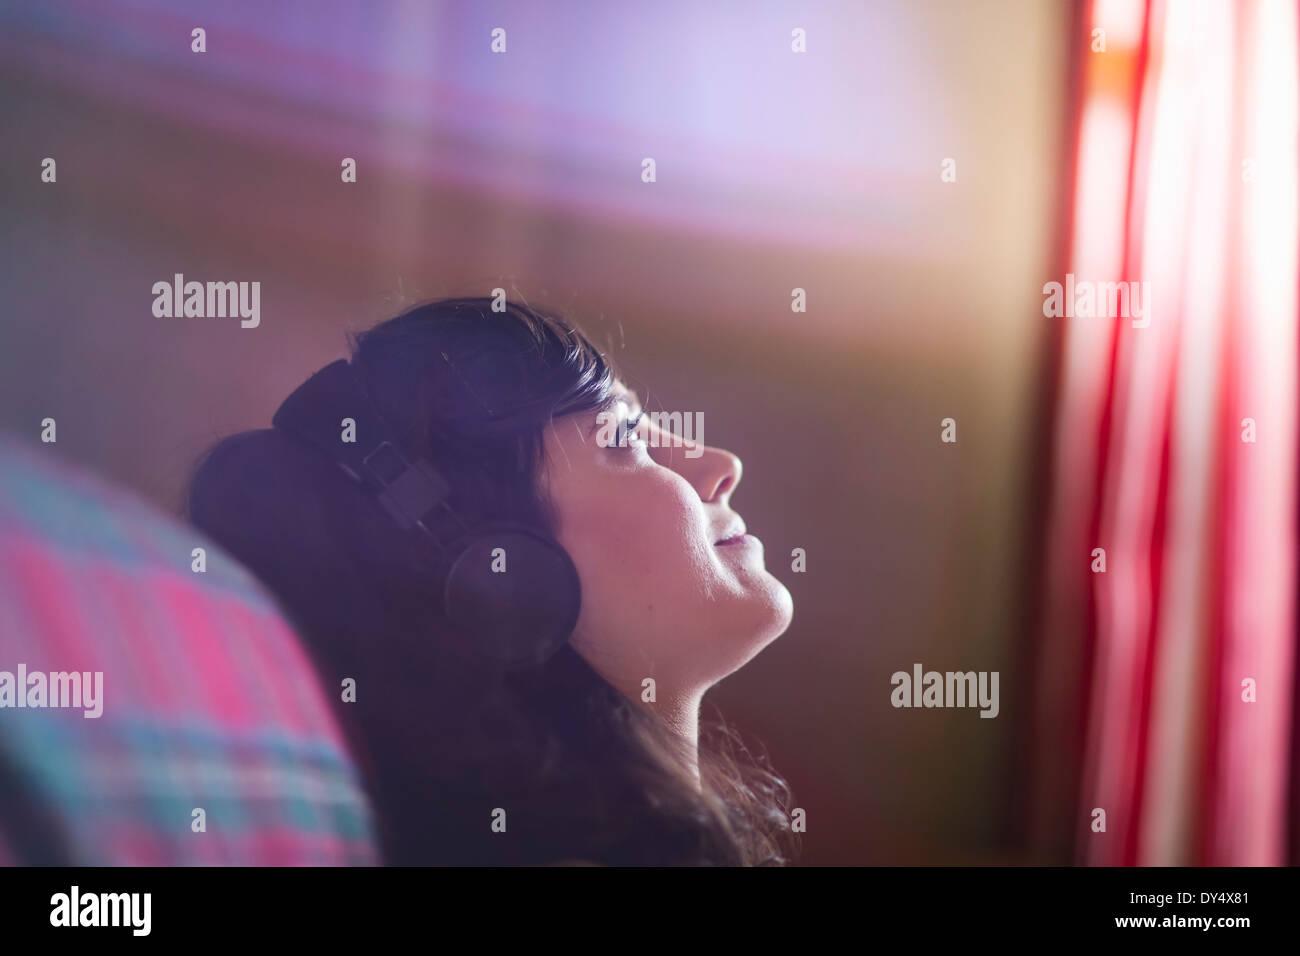 Jeune femme portant des écouteurs, daydreaming Photo Stock